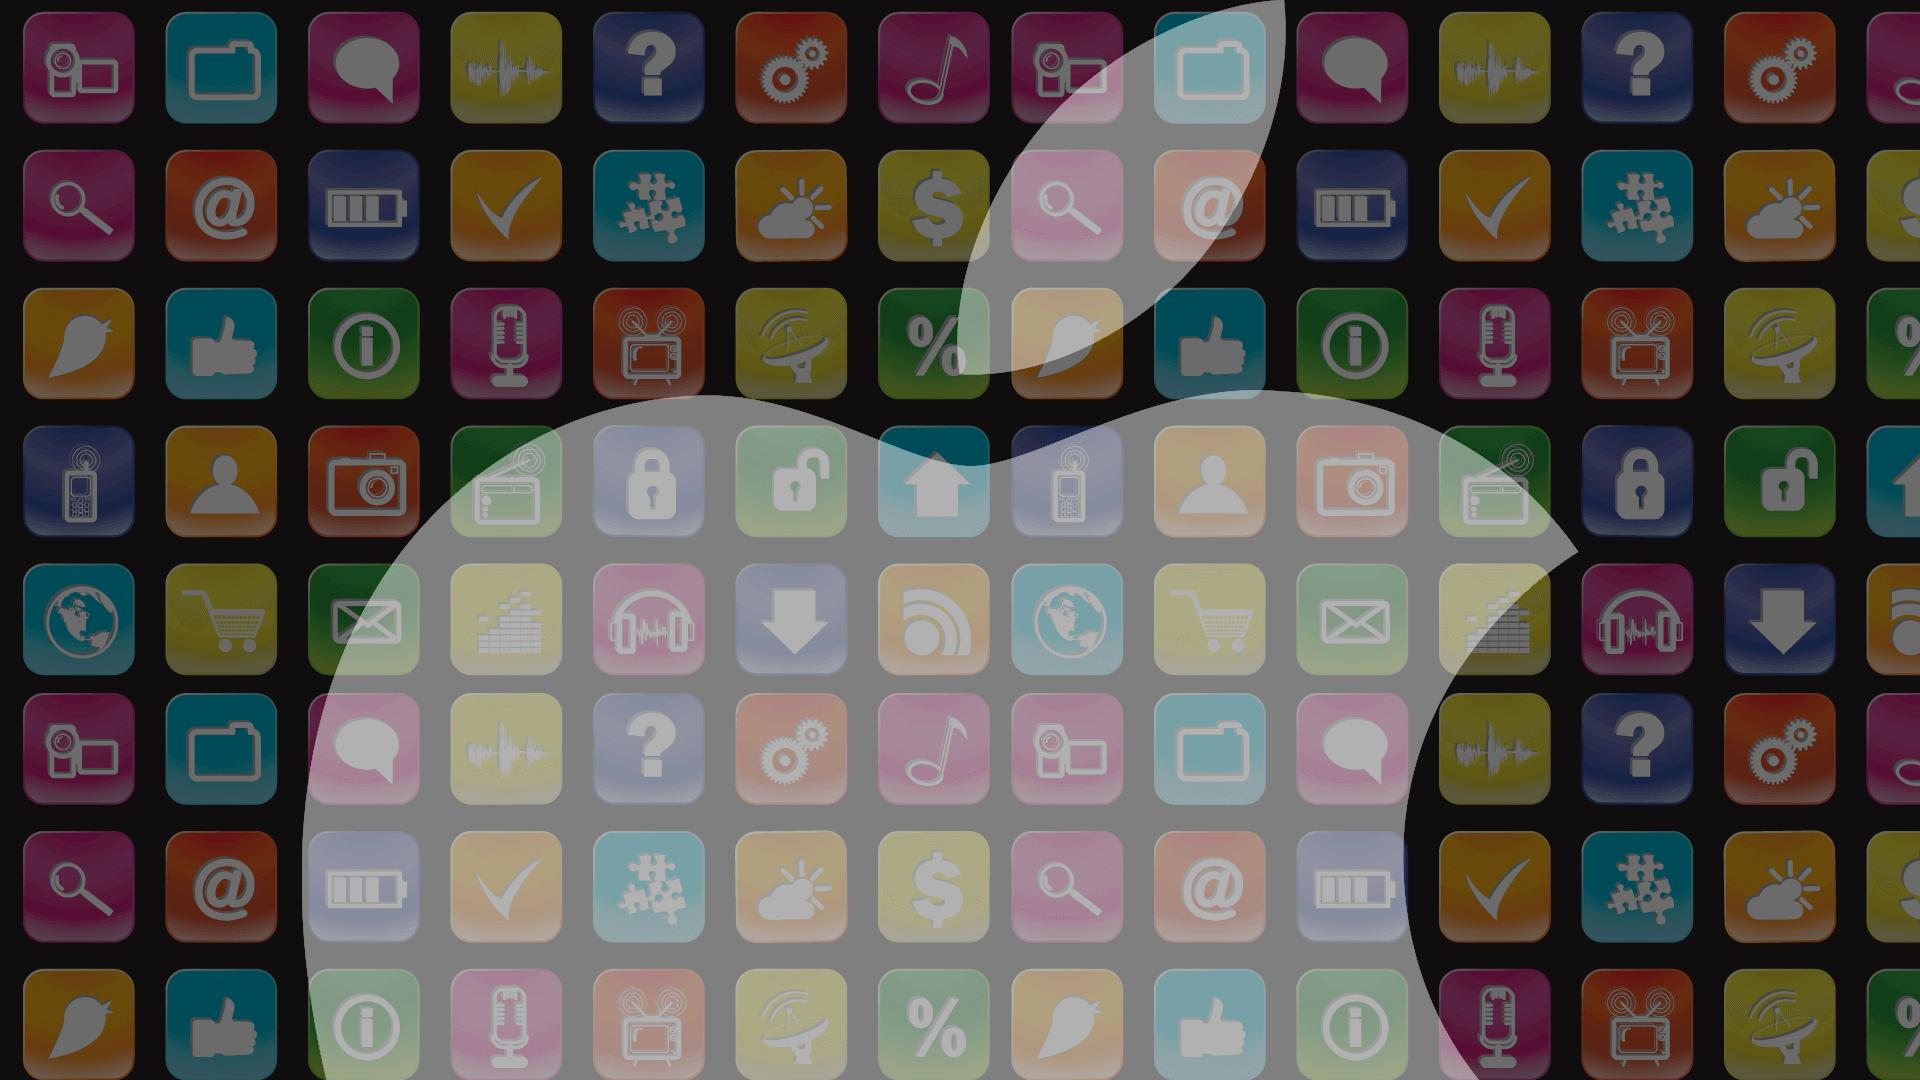 apple apps mobile collage ss 1920 - Conheça os aplicativos que mais lucraram nos aparelhos da Apple em 2018